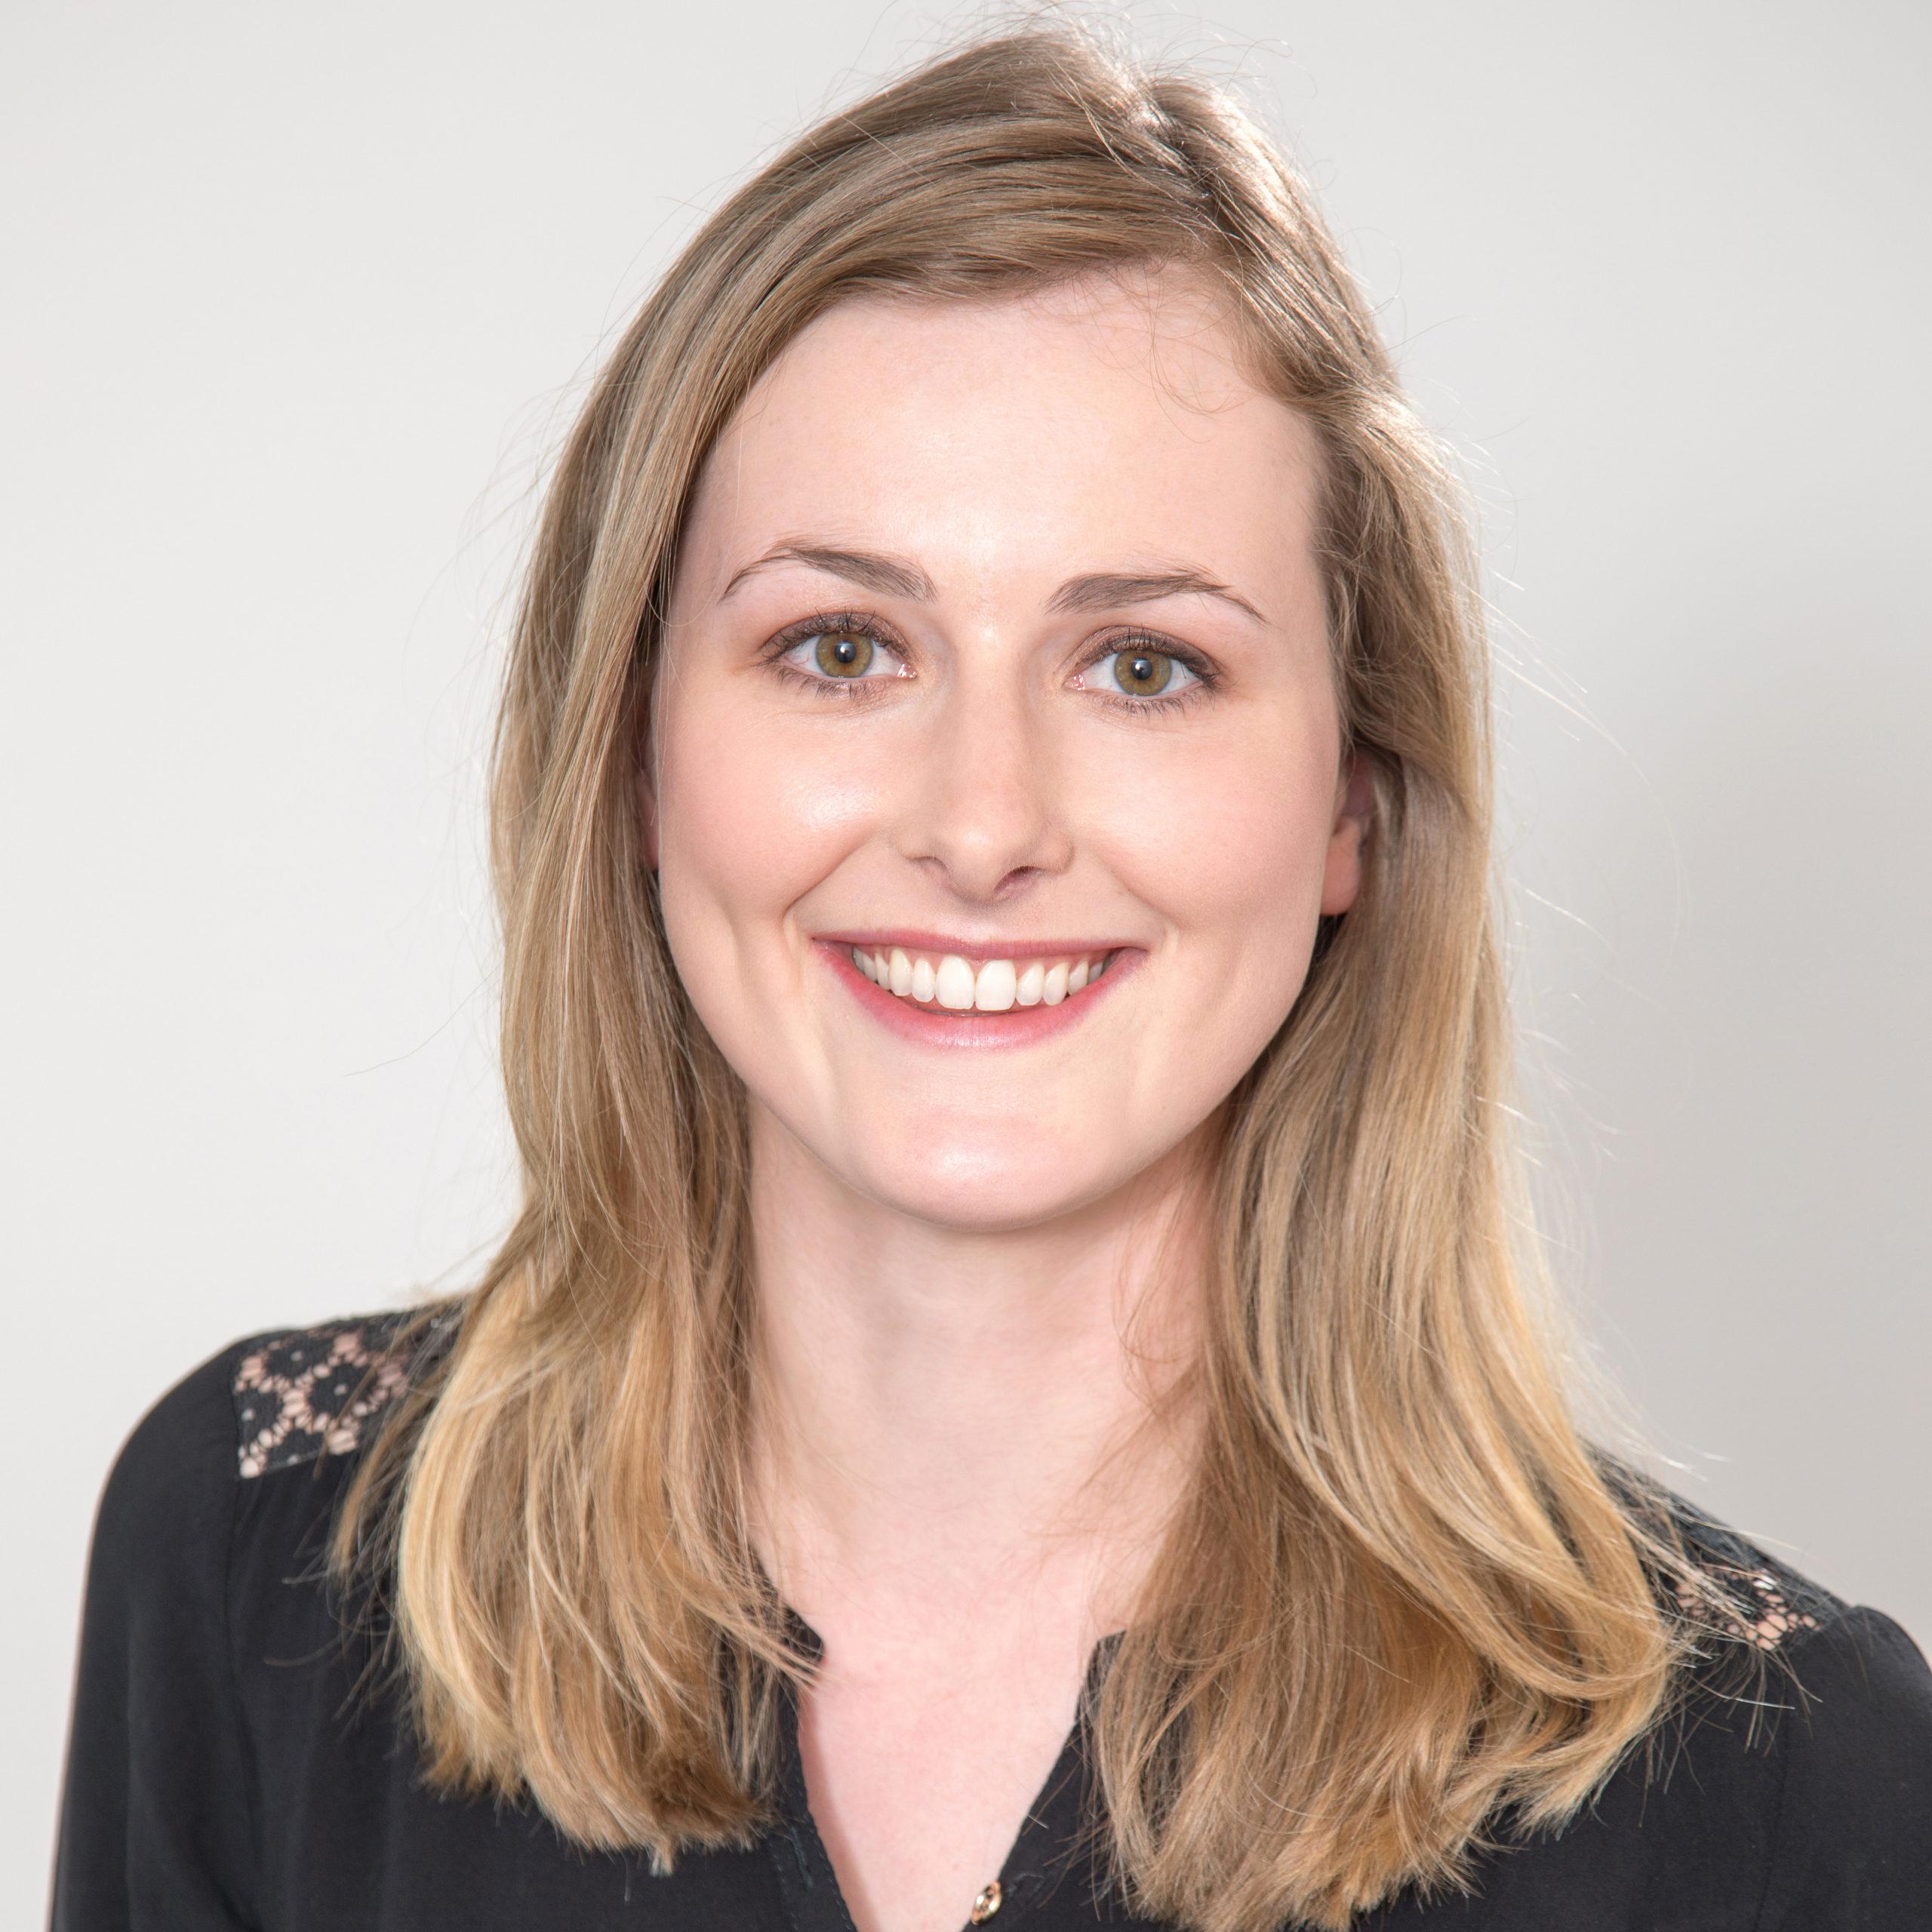 Yvonne Molenaar Prodeba zorgprofessional